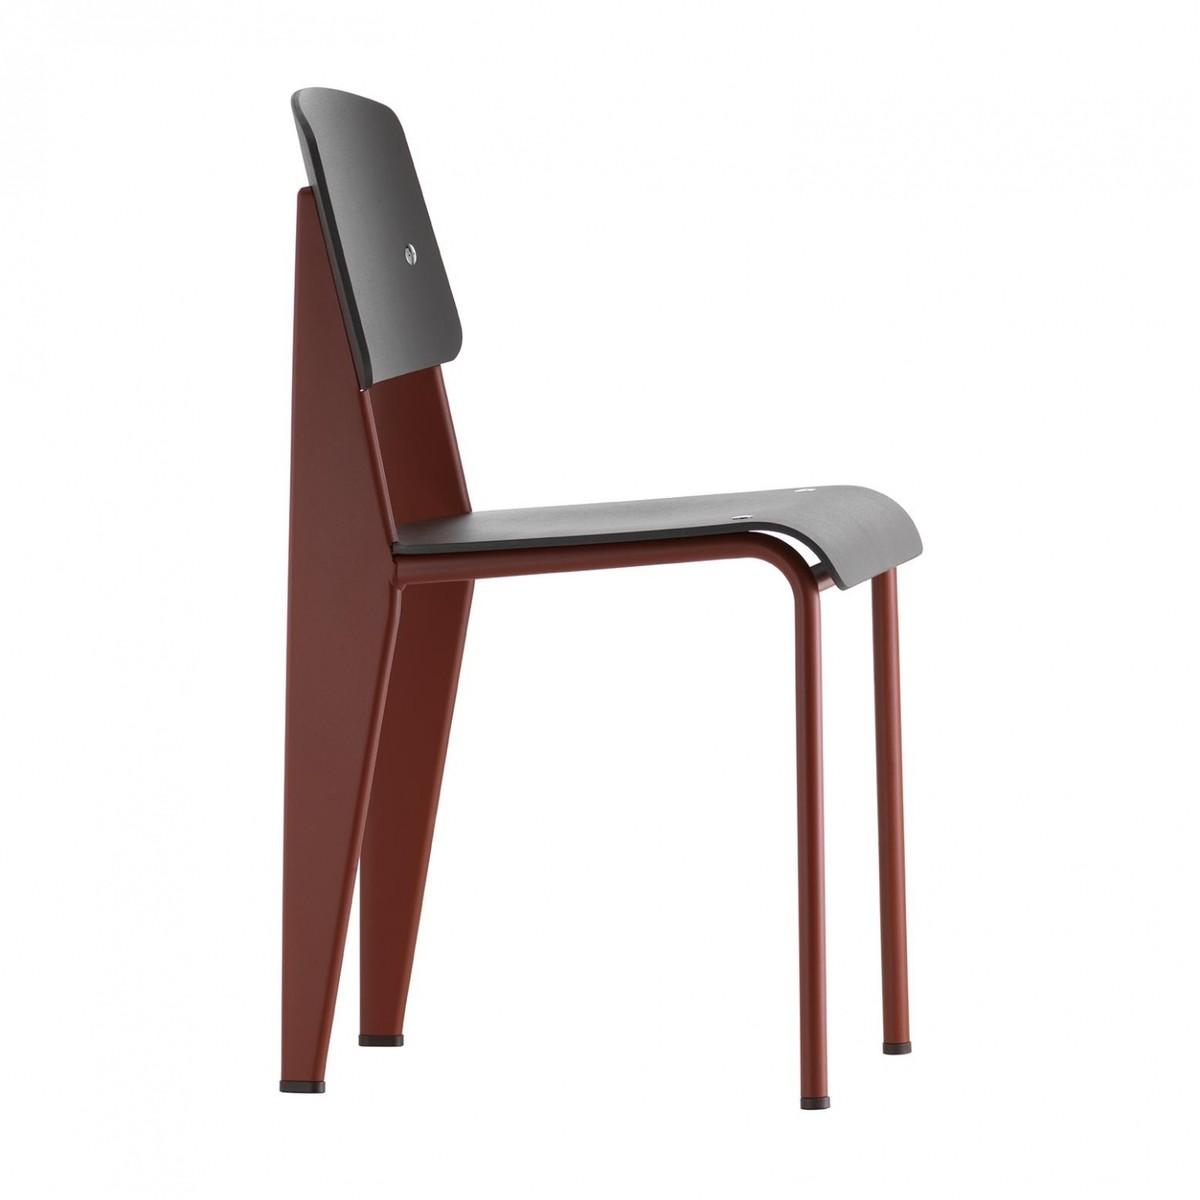 Standard sp prouv stuhl vitra - Rots bobois stoel ...